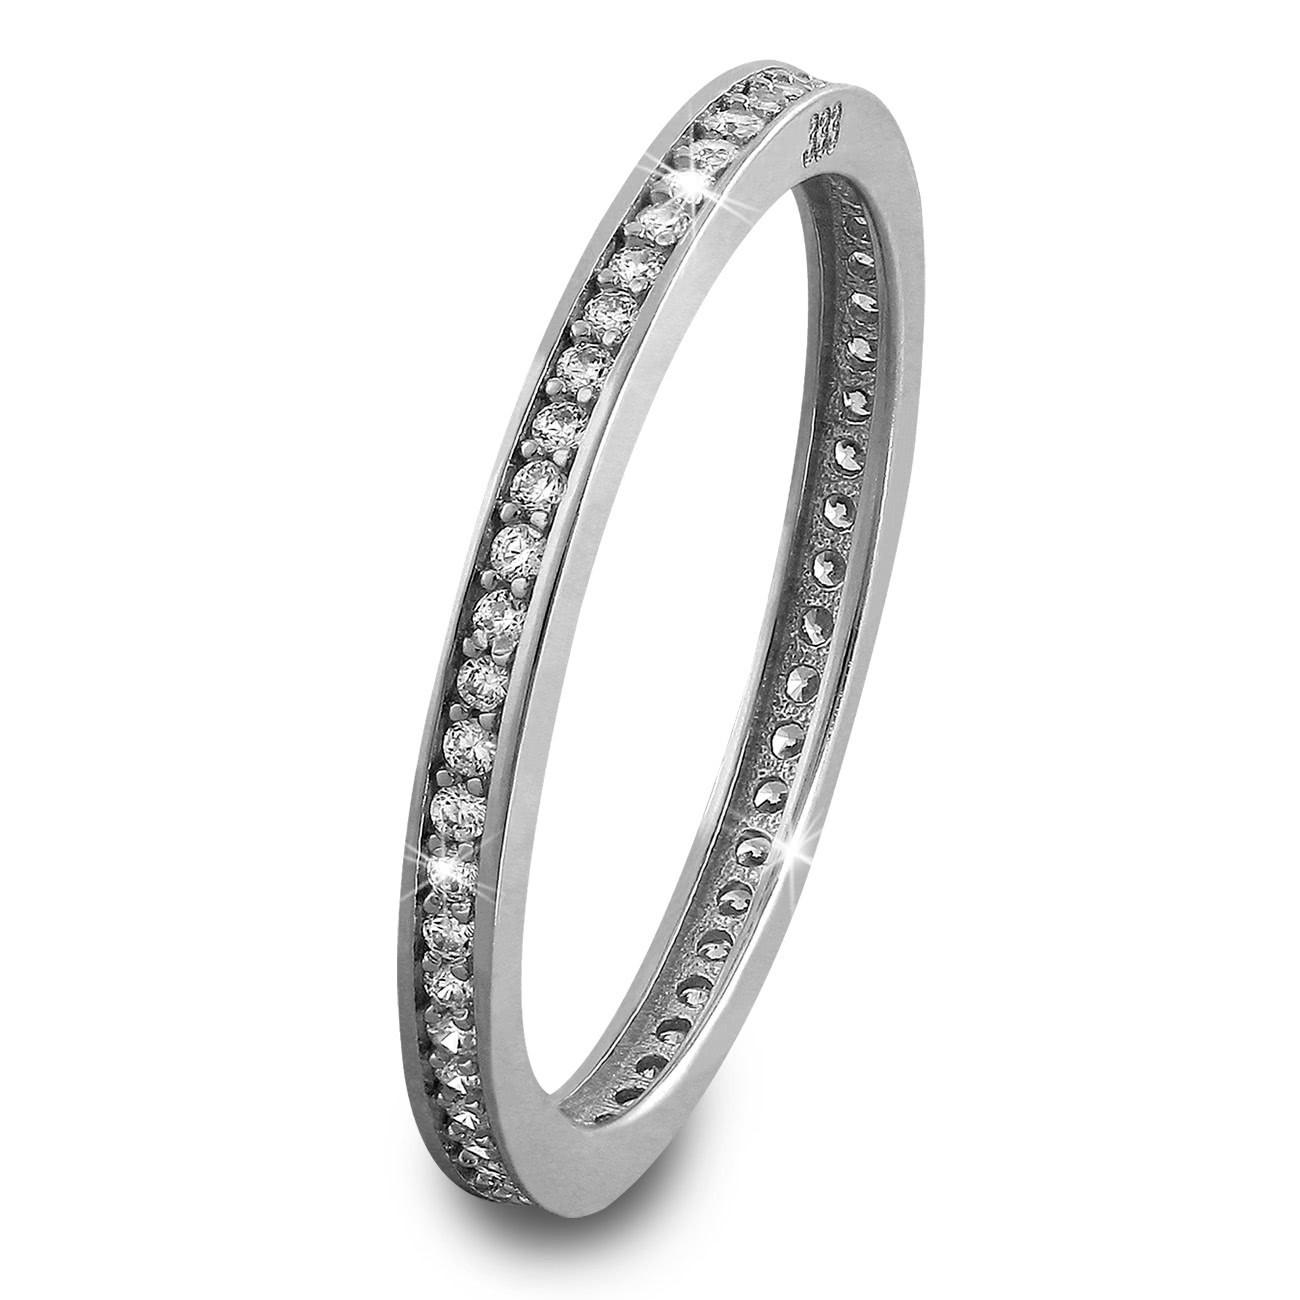 SilberDream Gold Ring Zirkonia weiß Gr.56 333er Weißgold GDR504J56